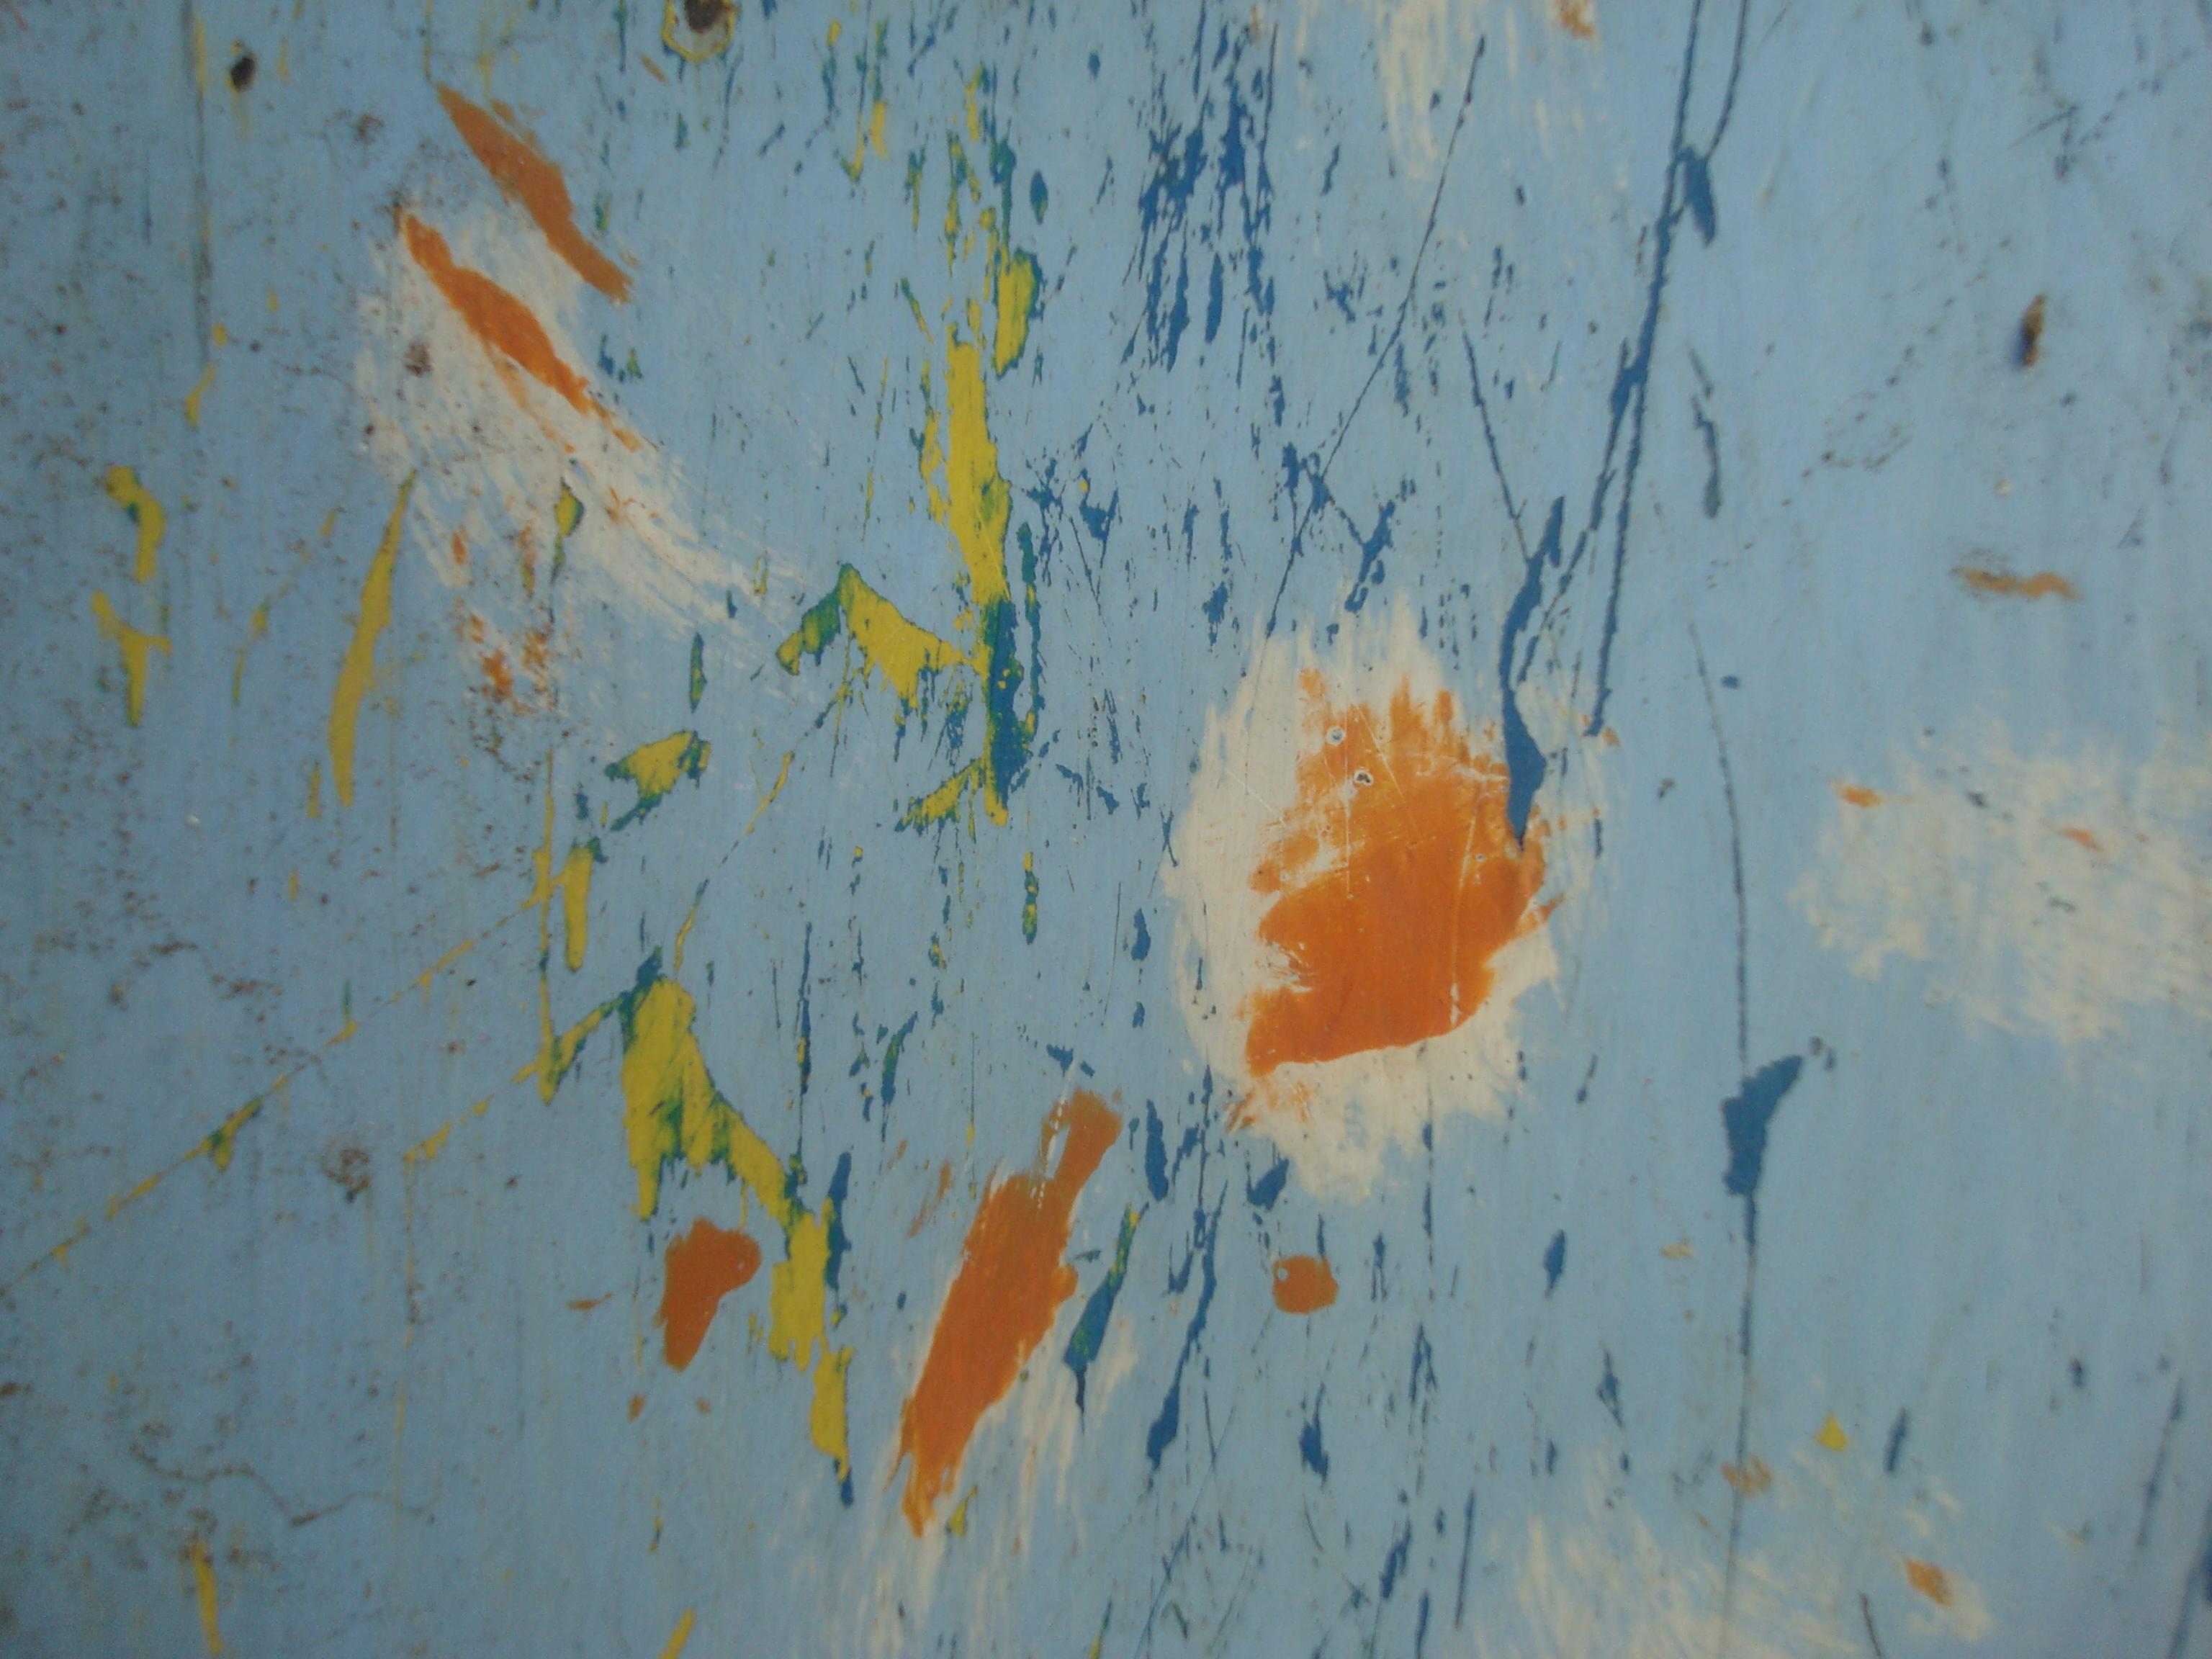 Paint texture photo